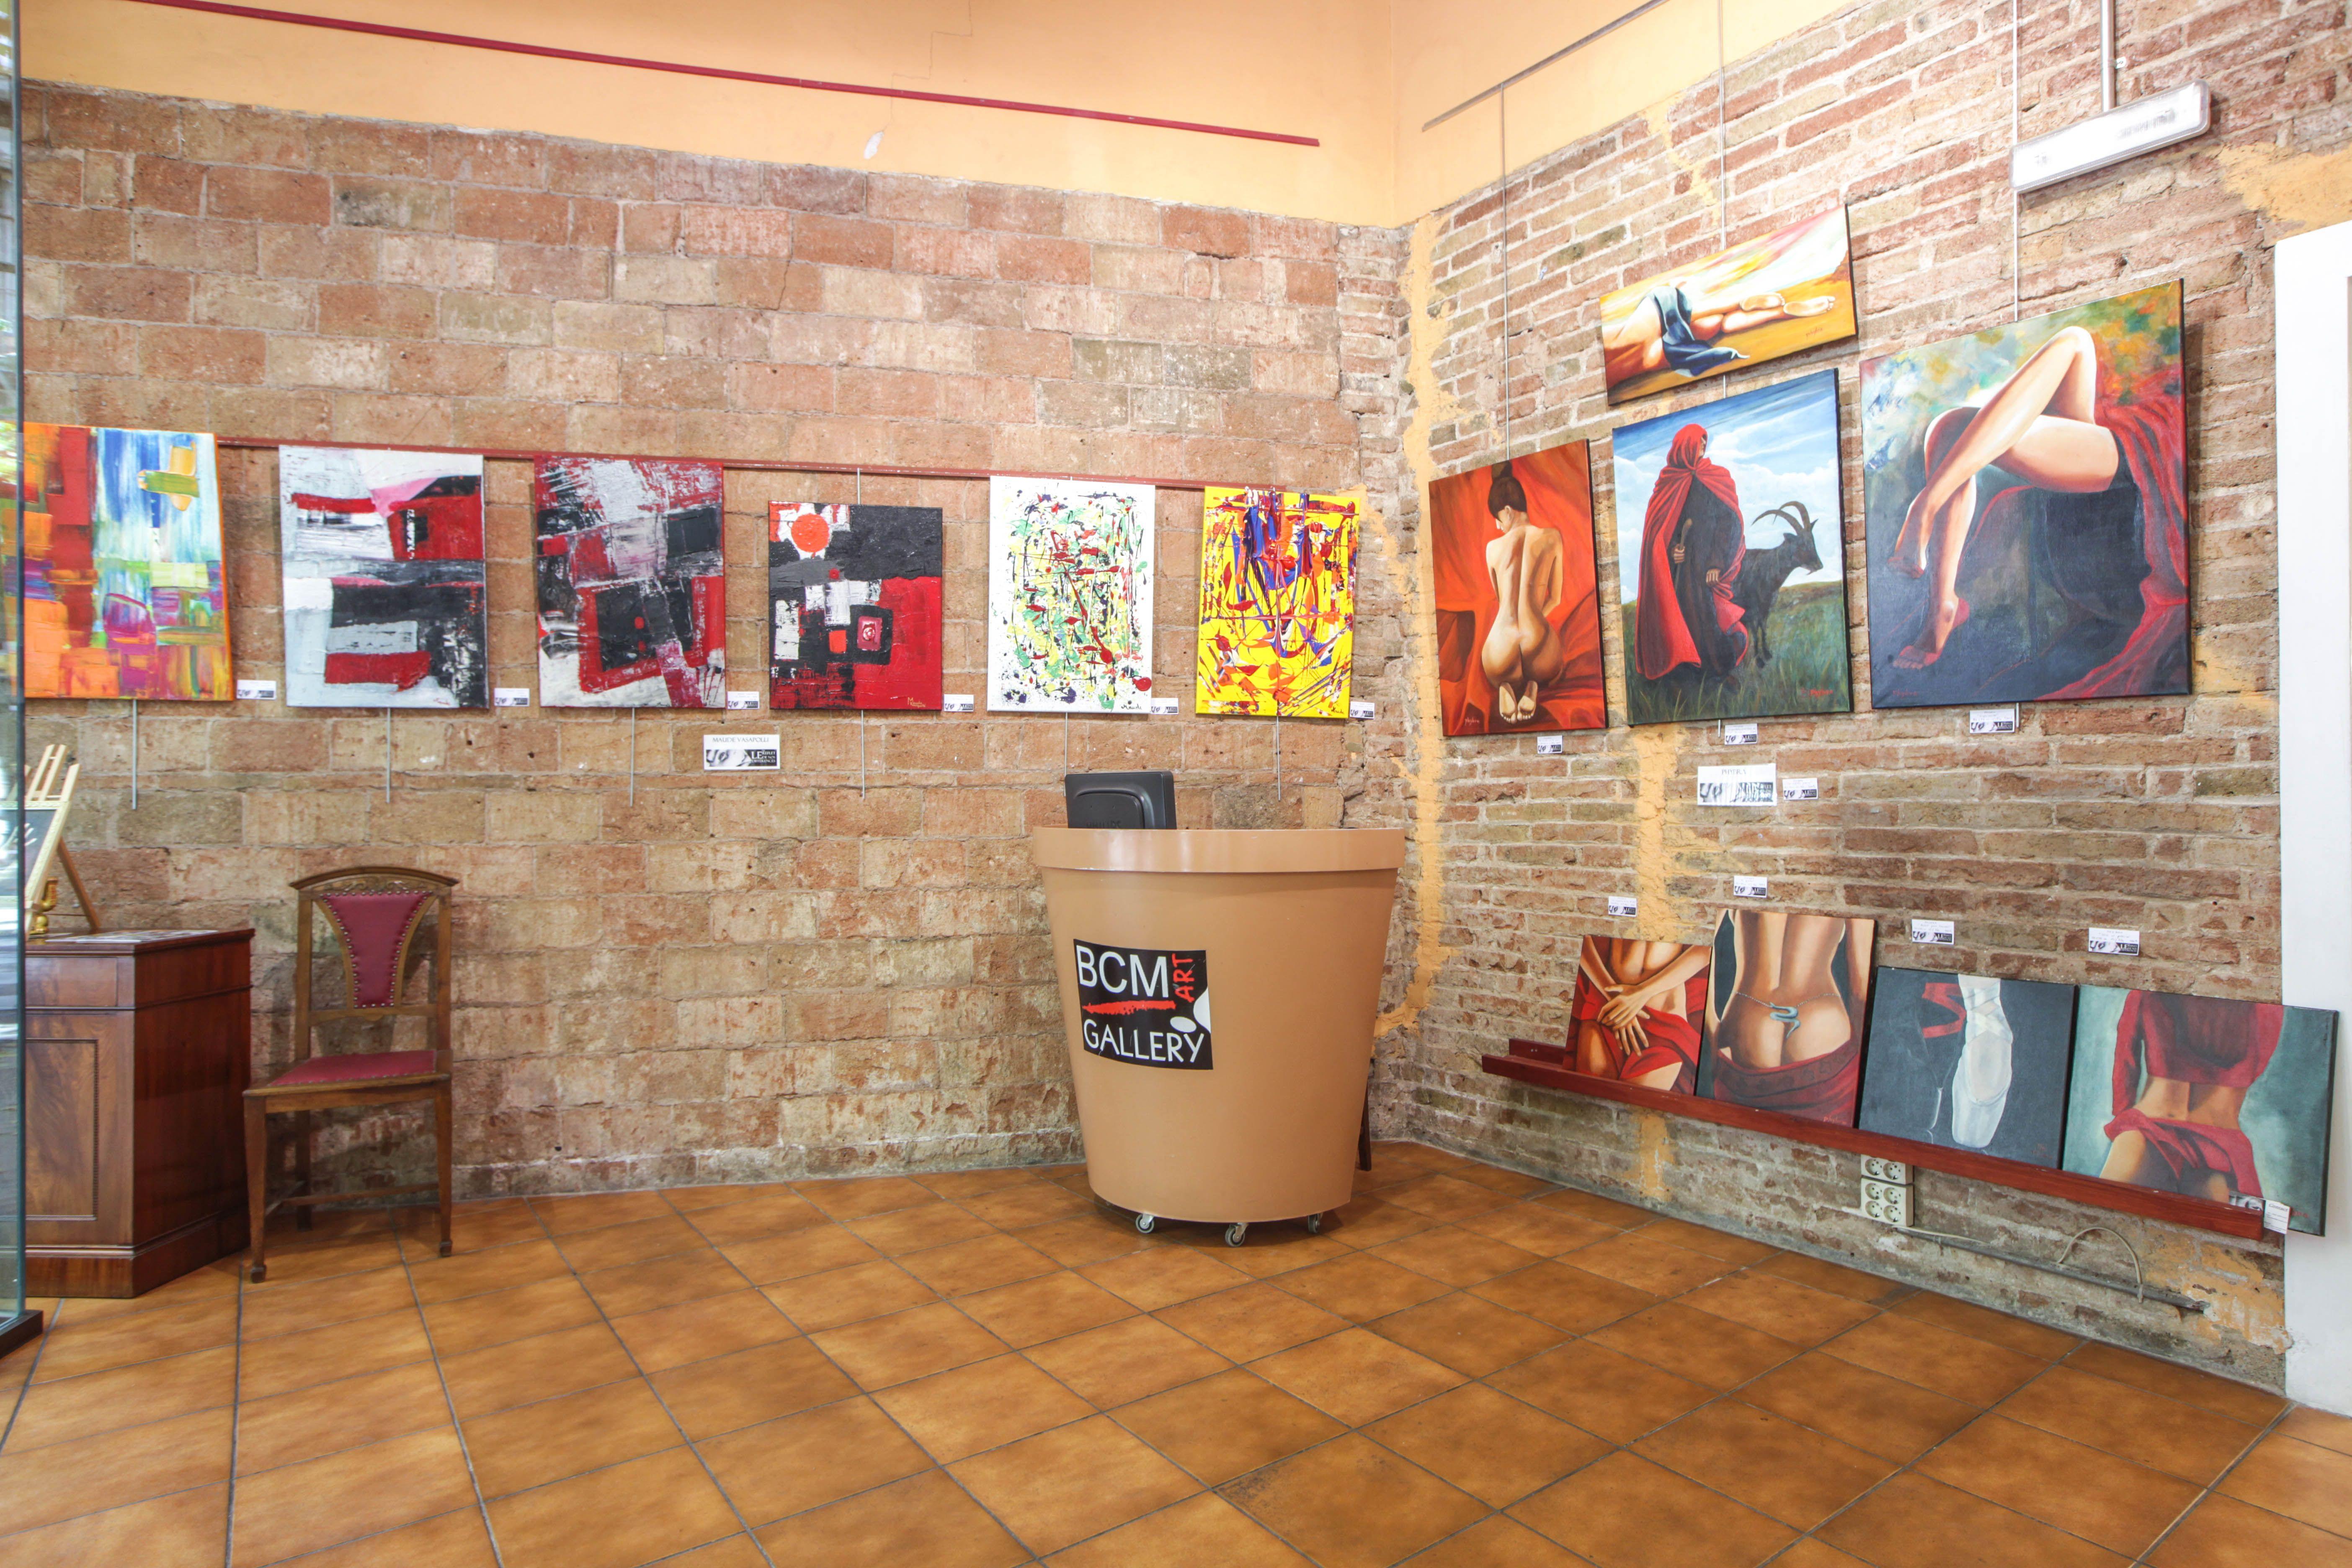 Foto 5 de Galerías de arte y salas de exposiciones en Barcelona | BCM Art Gallery